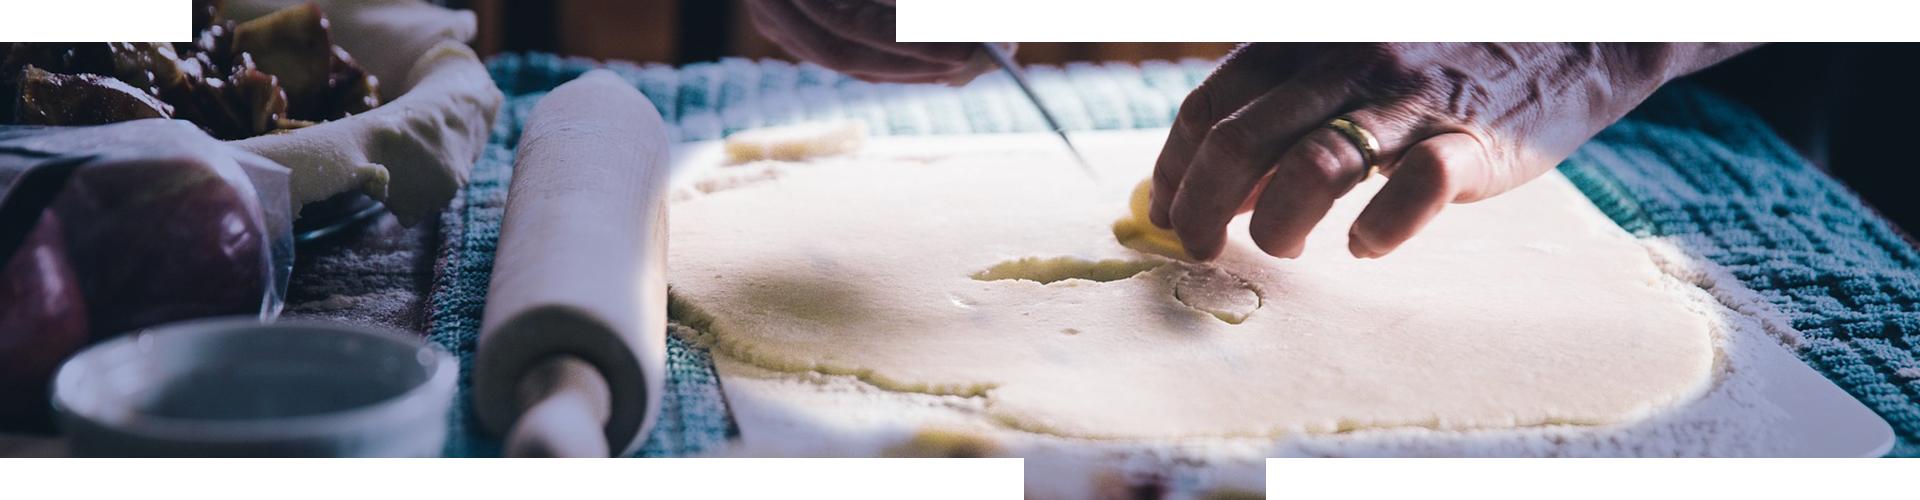 Productos destacados: manipulador de alimentos en el sector restauración